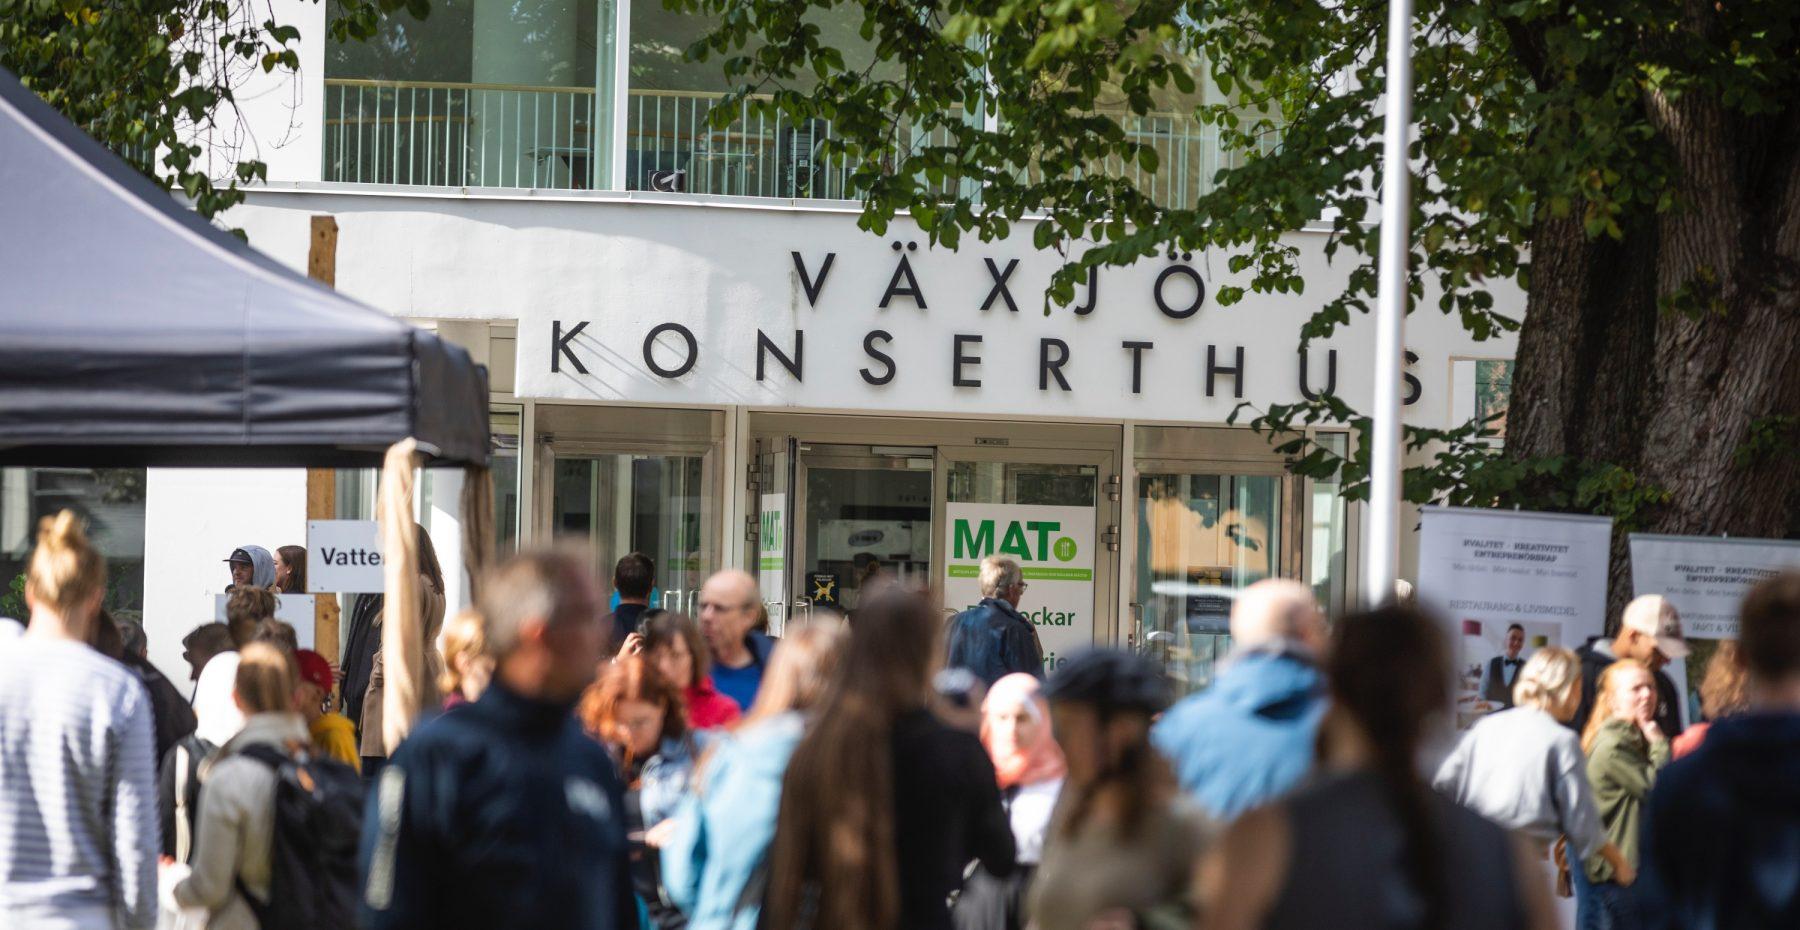 Hit tar du sommarflrten p romantisk dejt - Allt om Stockholm